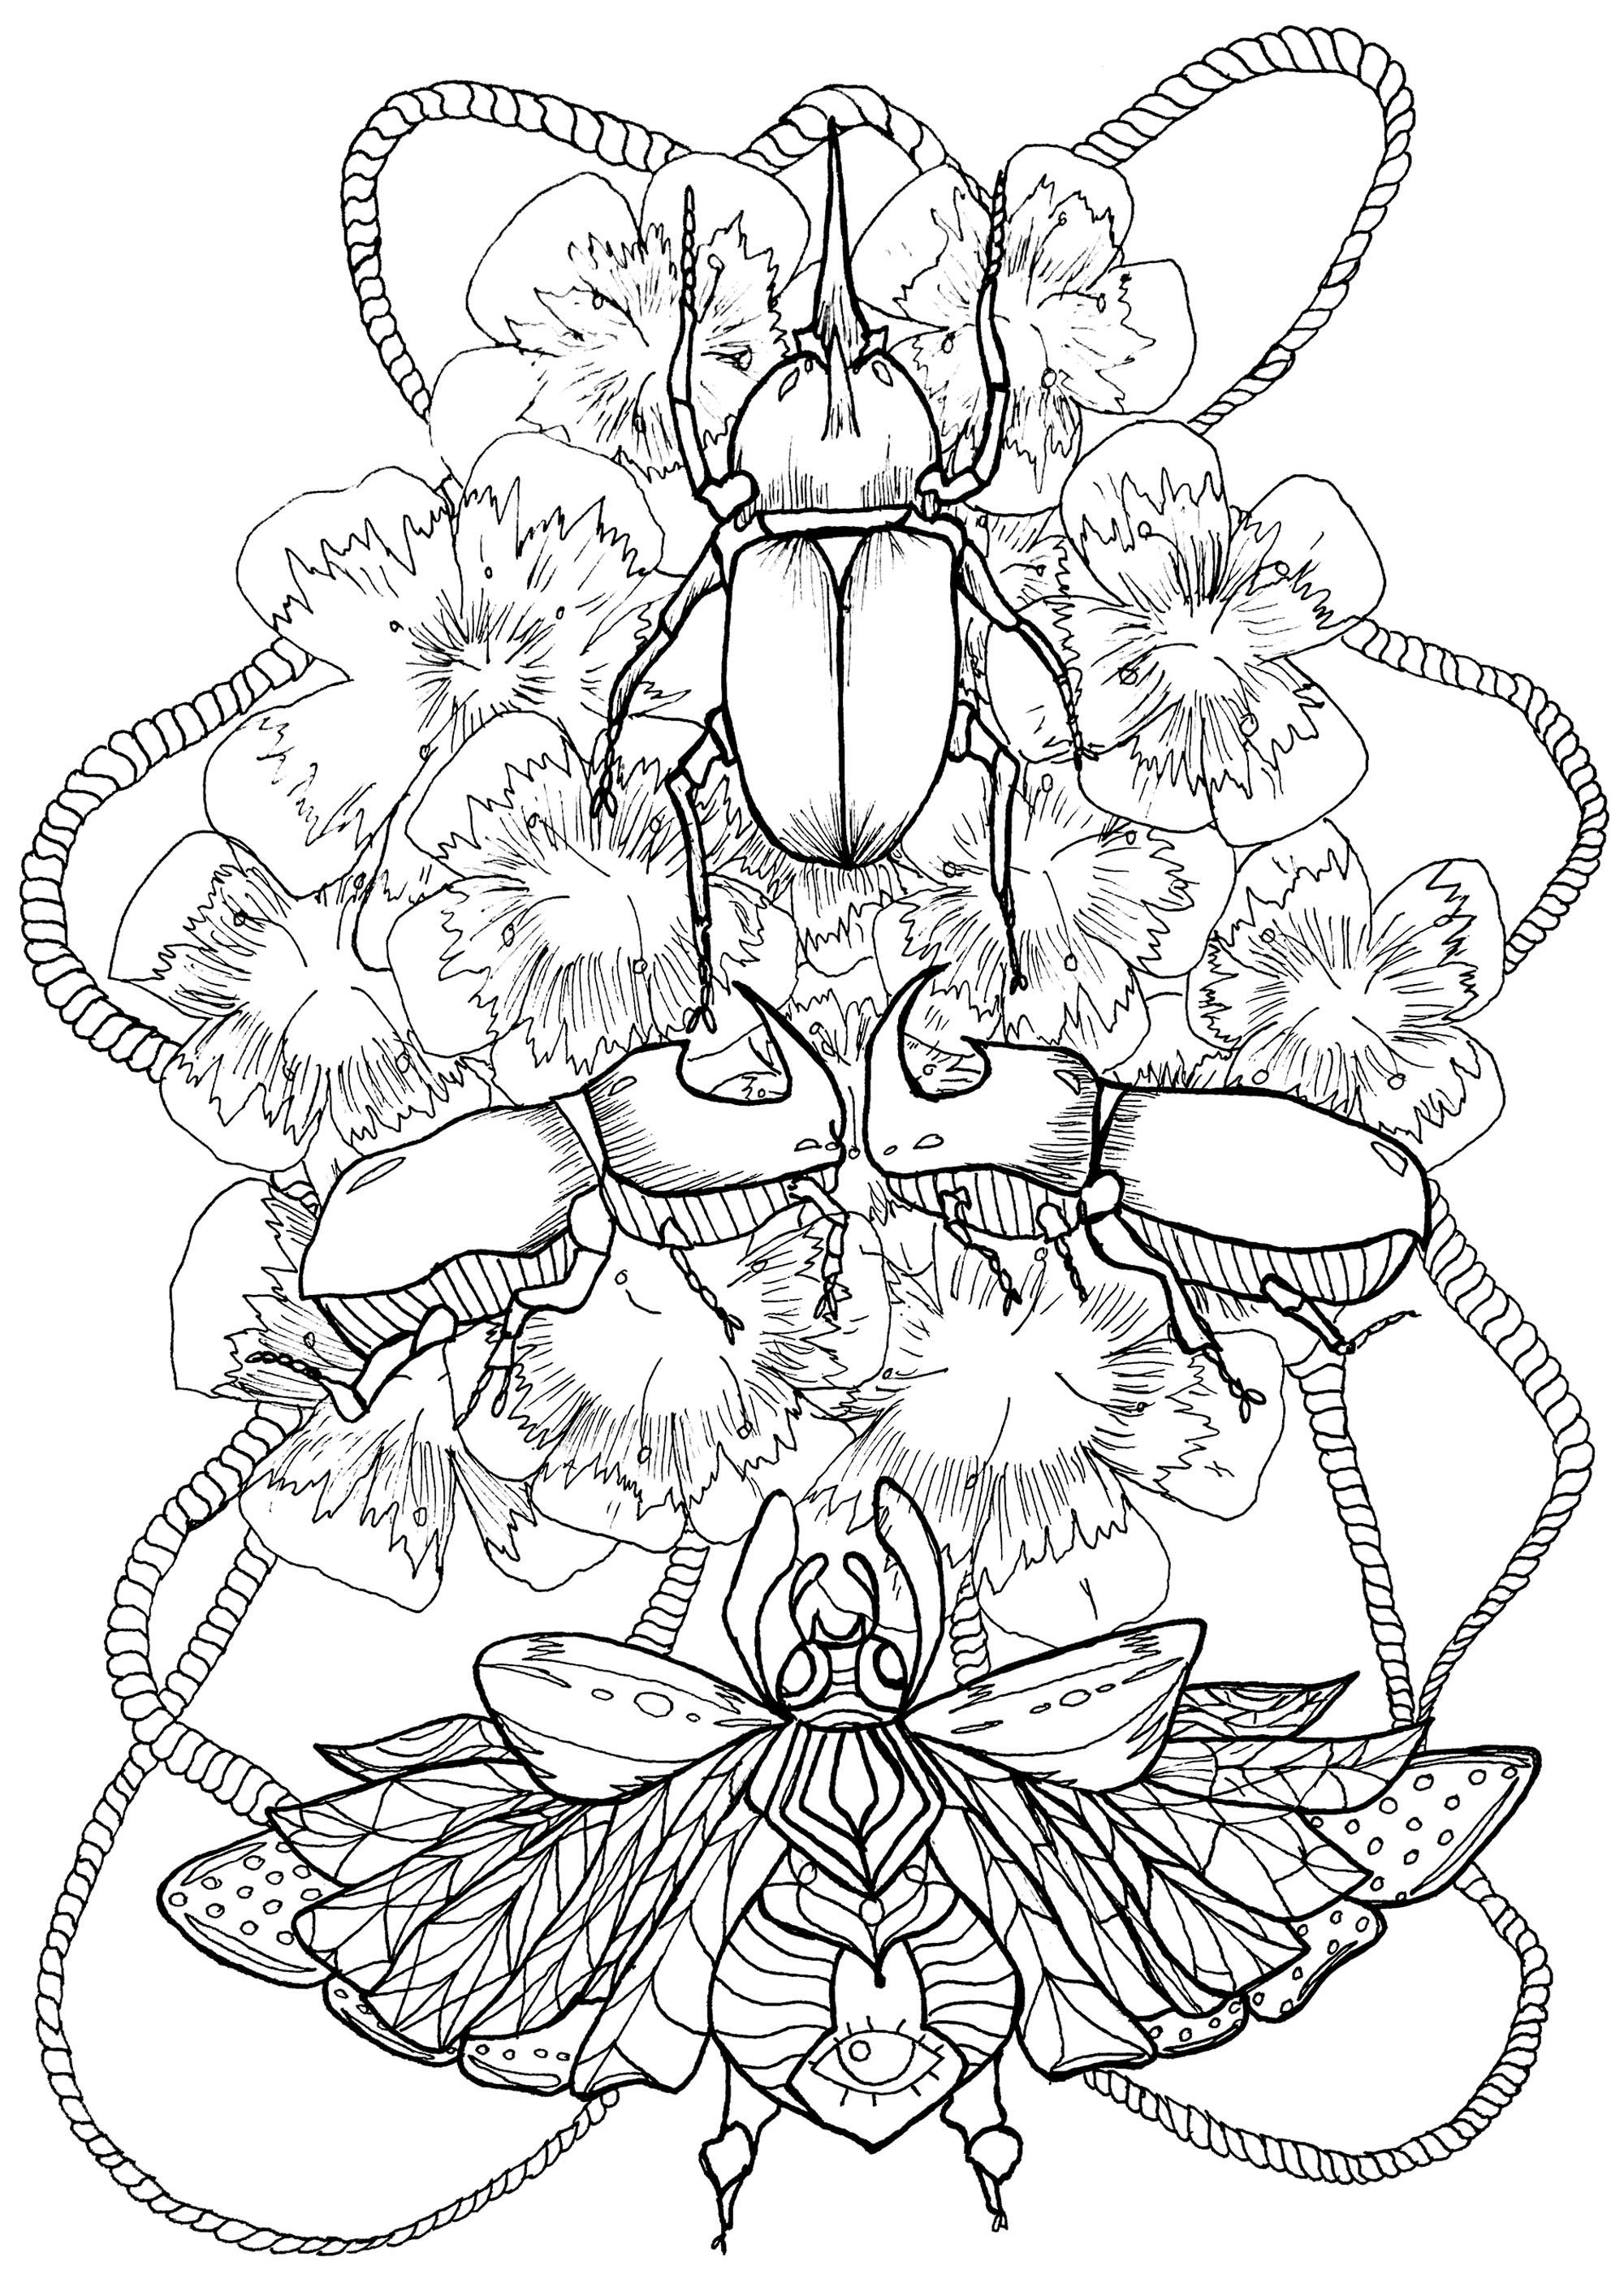 Joli coloriage mélangeant fleurs et scarabées, entourés par une corde finement tressée